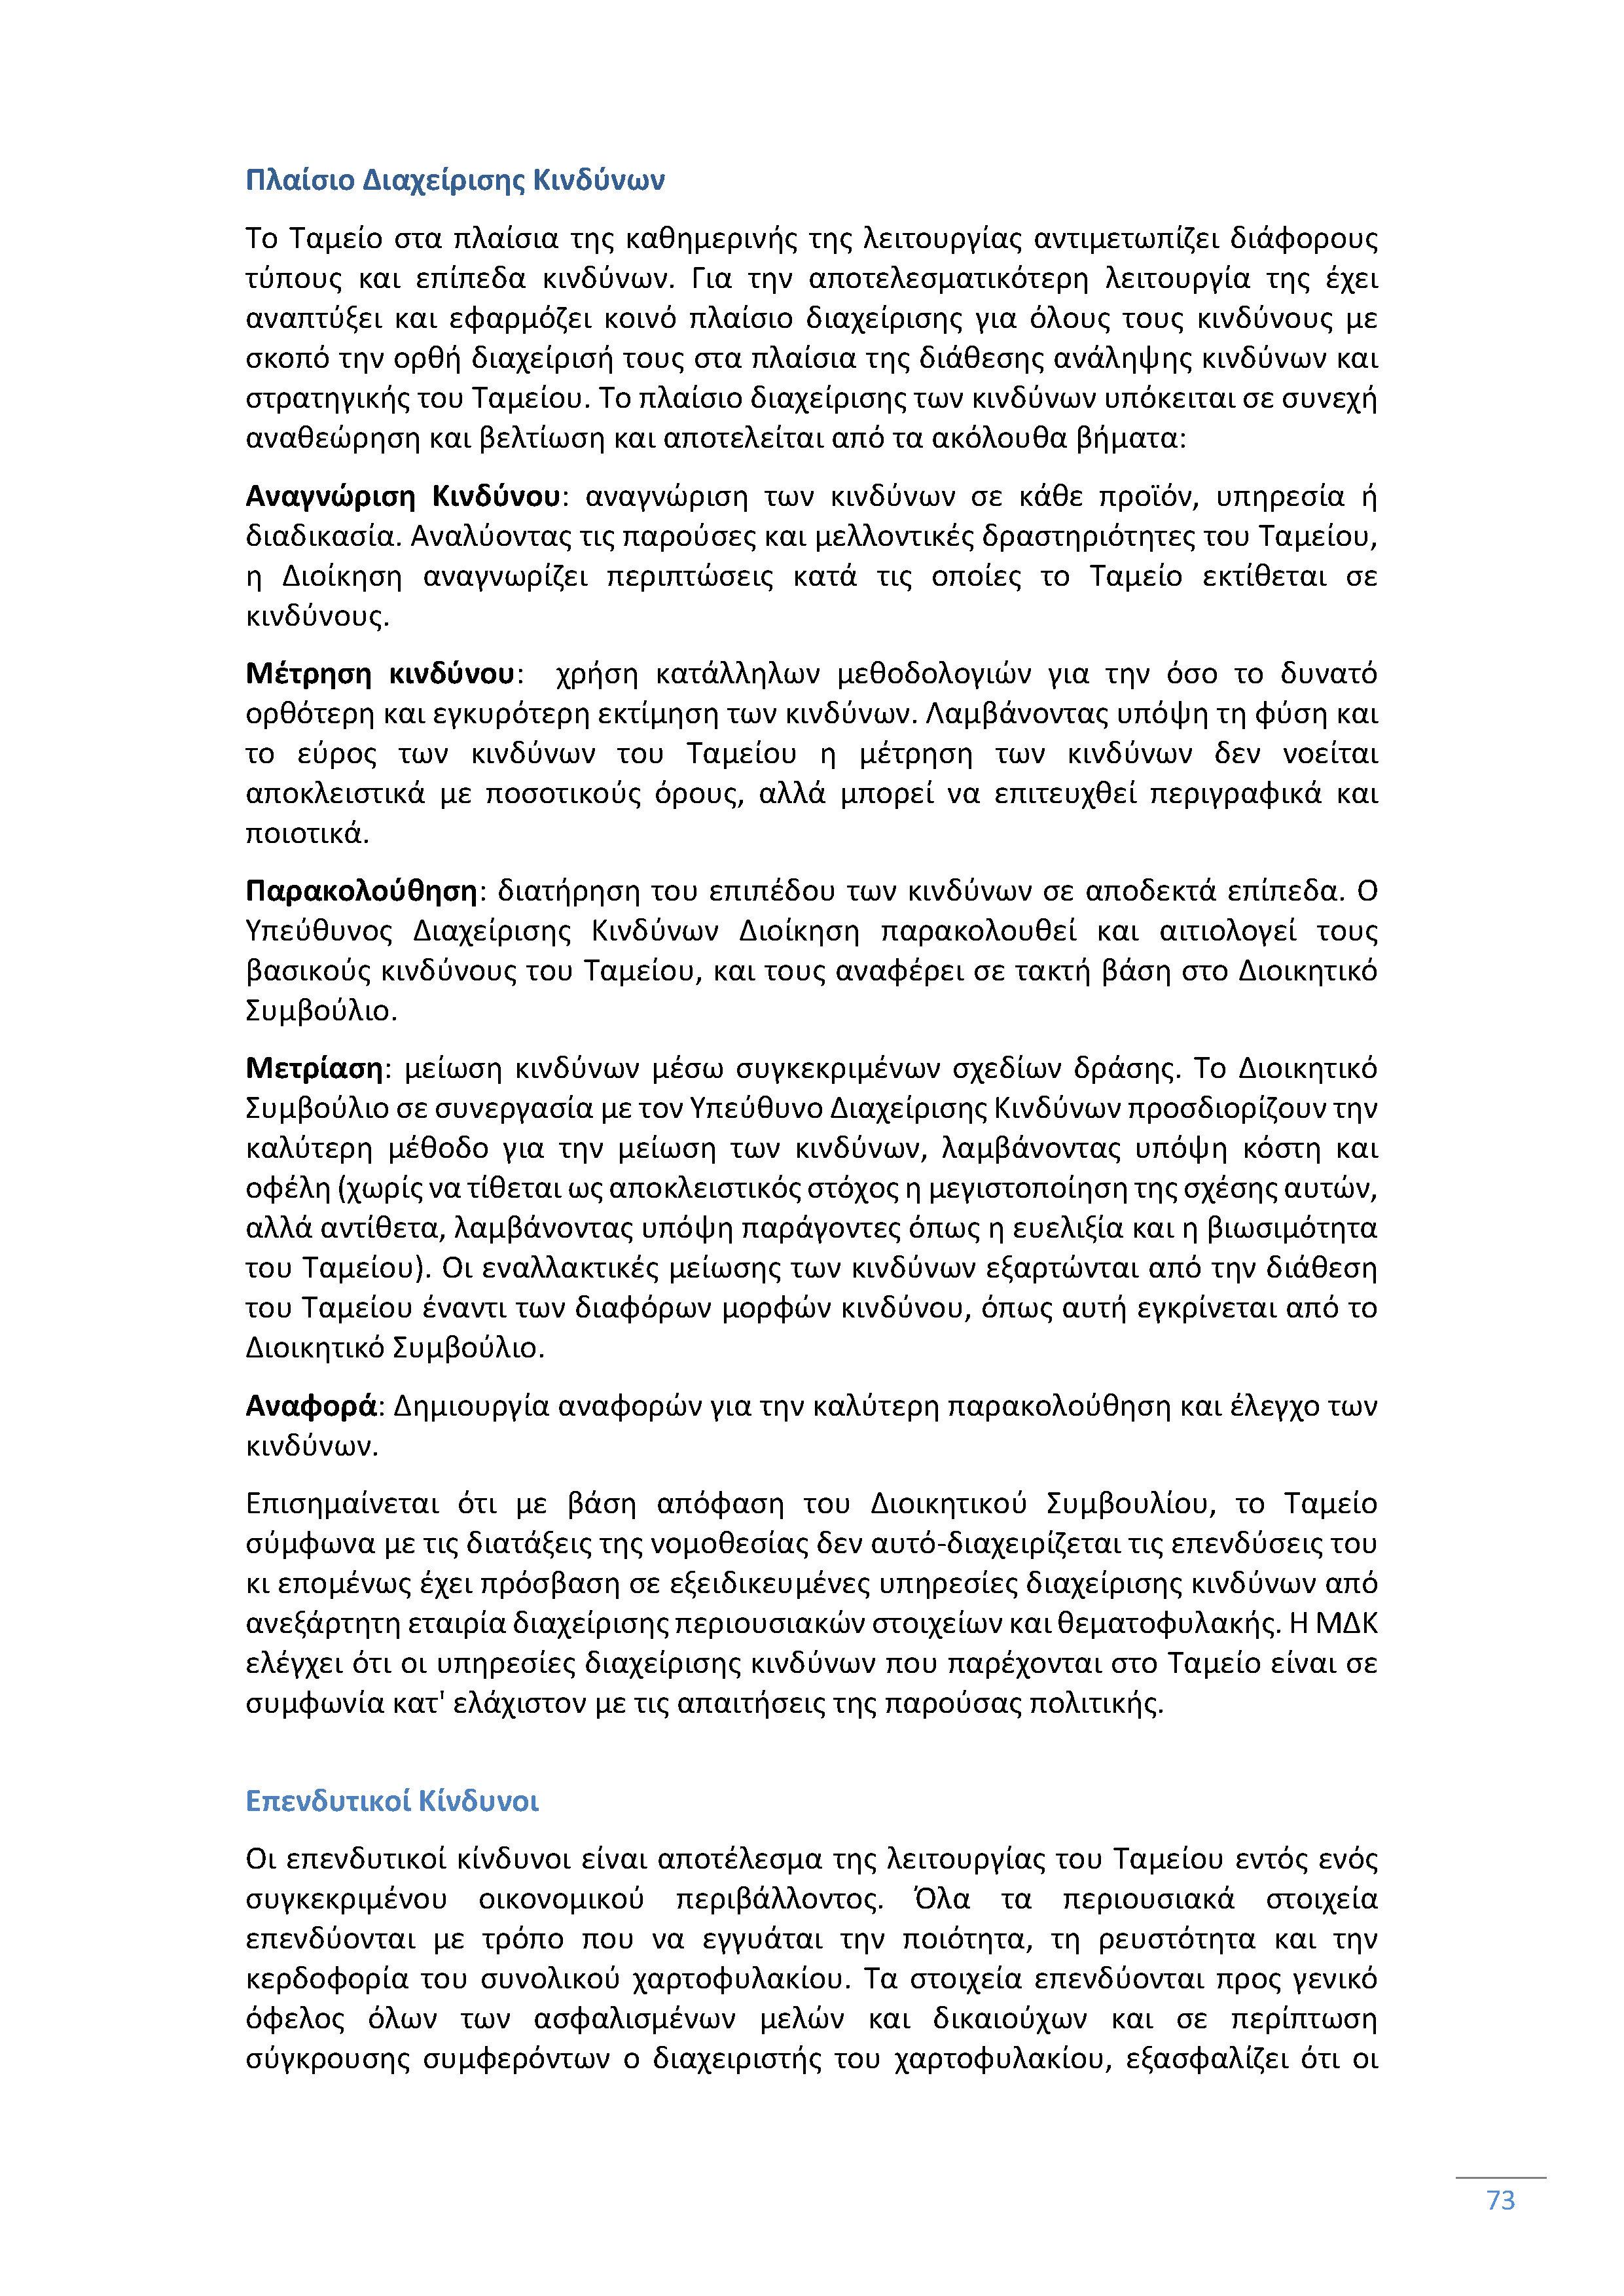 Αθλητικές Ακαδημίες, ενημέρωση λειτουργίας 26η Οκτωβρίου 2019.